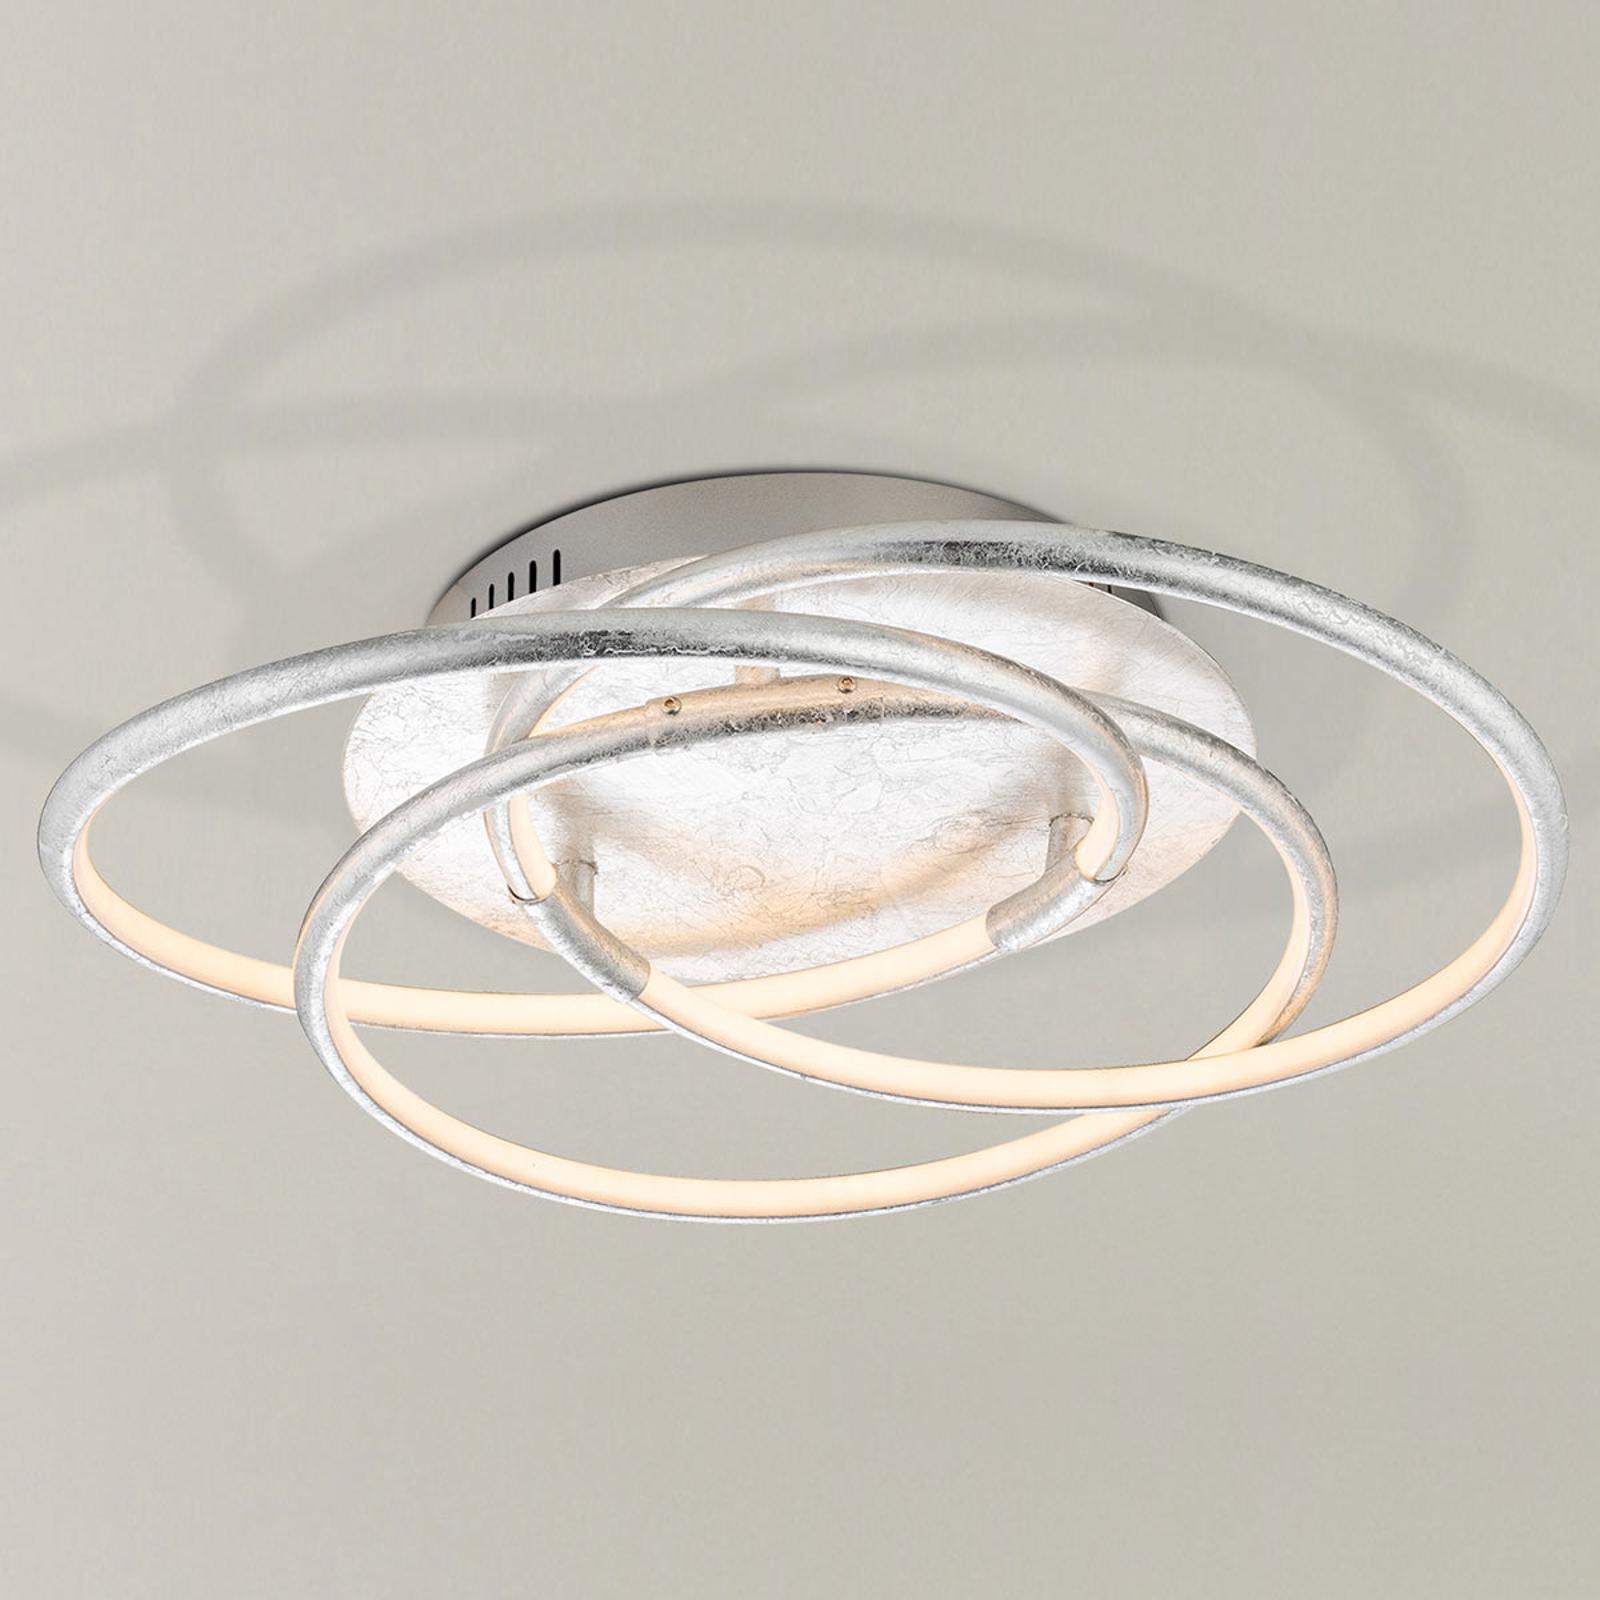 Srebrna lampa sufitowa LED Barna